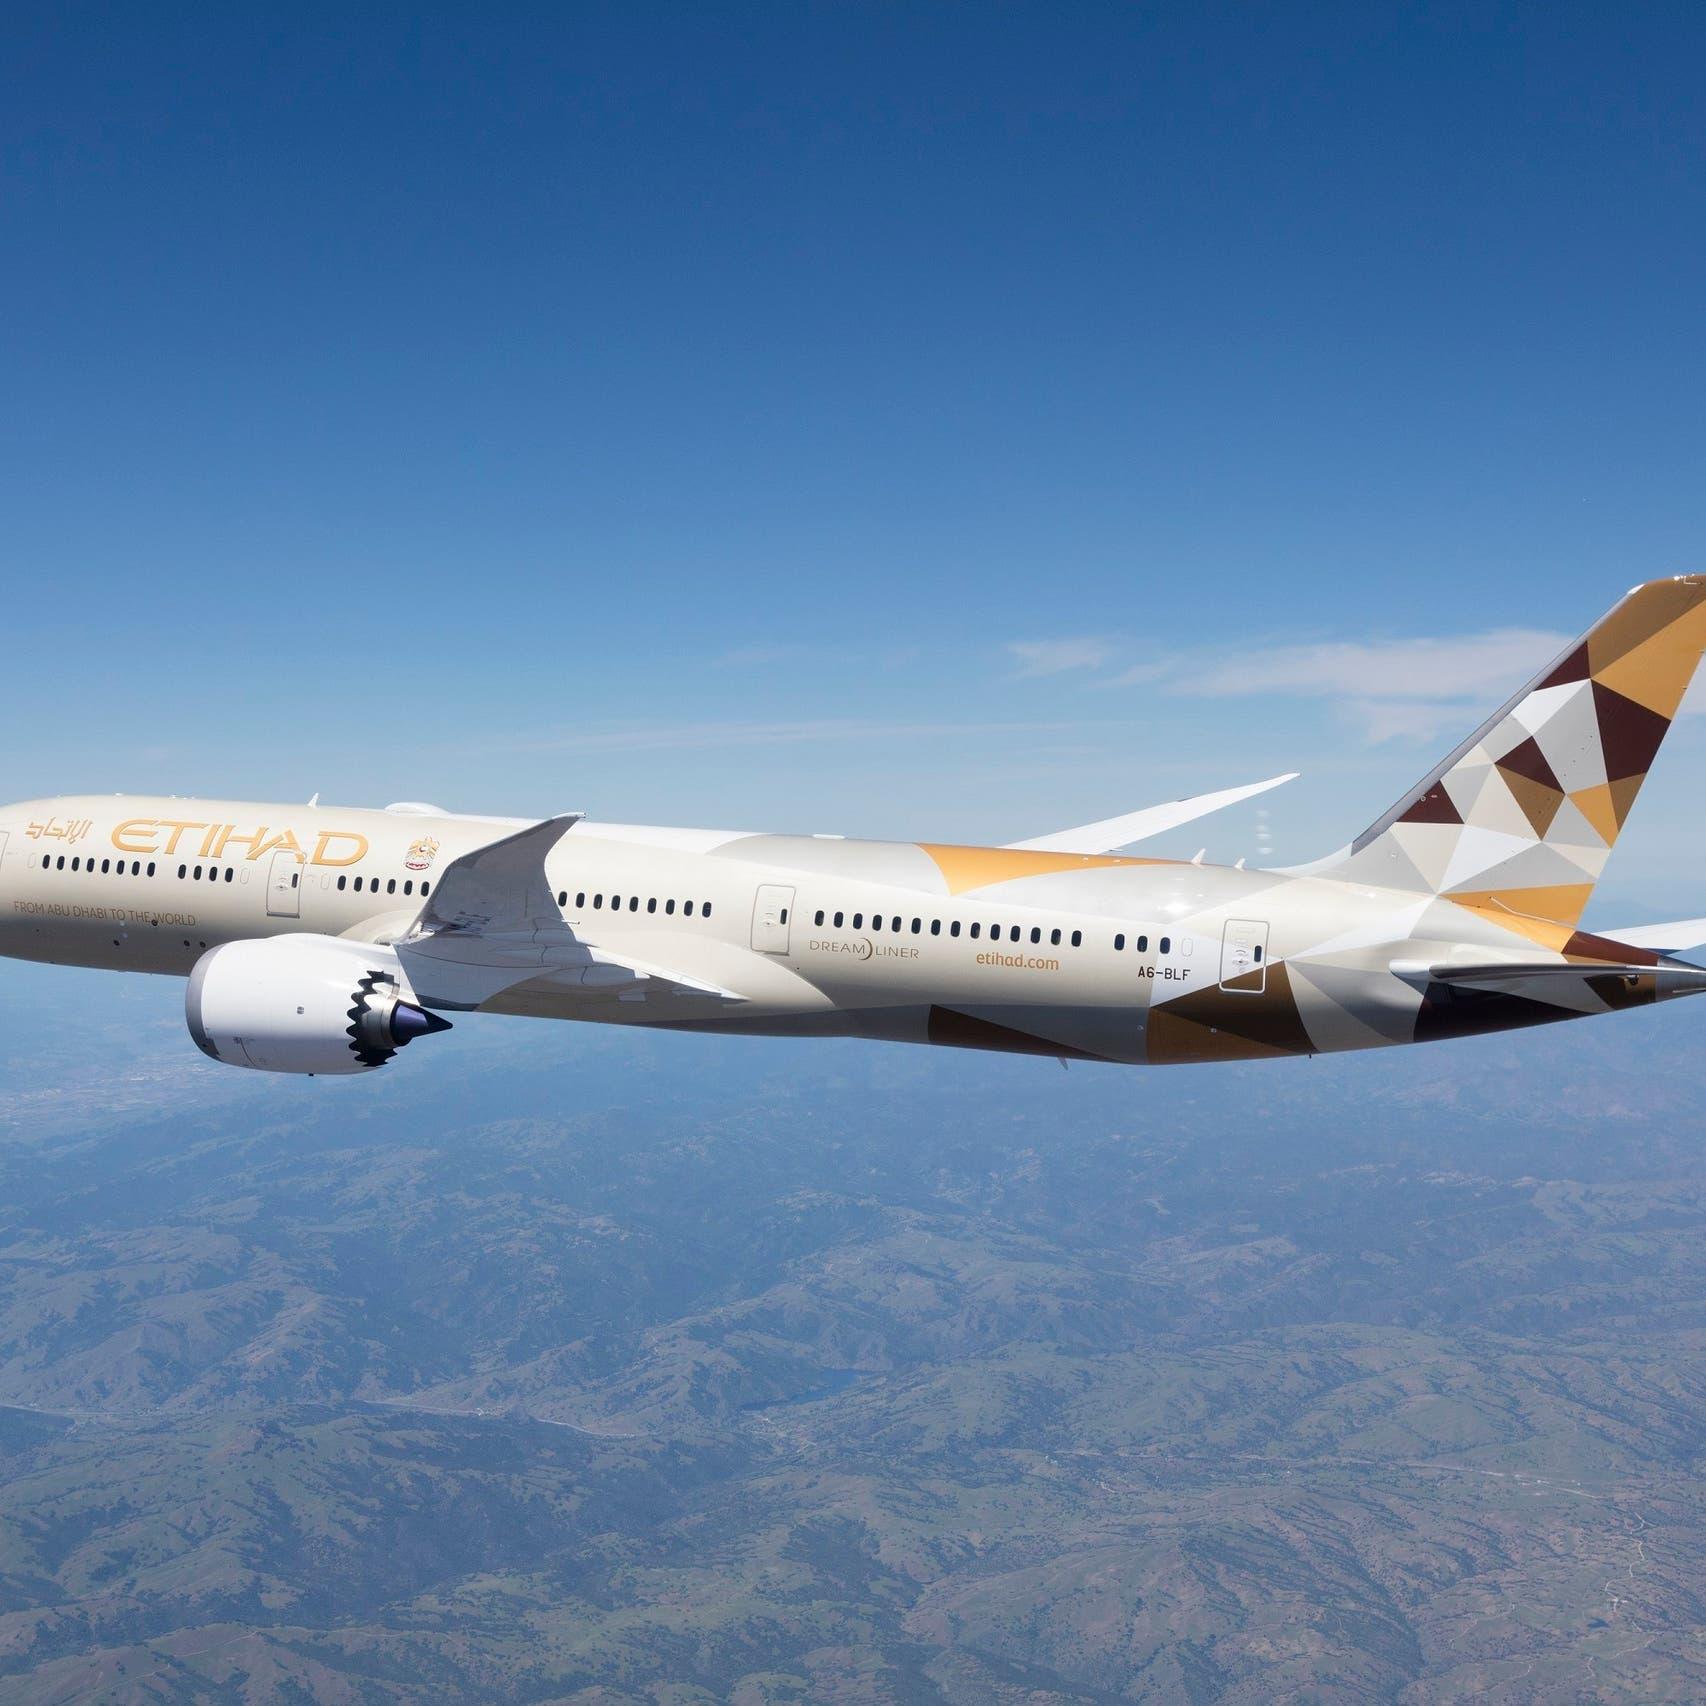 """الاتحاد للطيران تطلق رحلتين لـ """"سانتوريني"""" اليونانية و""""مالقة"""" الإسبانية"""